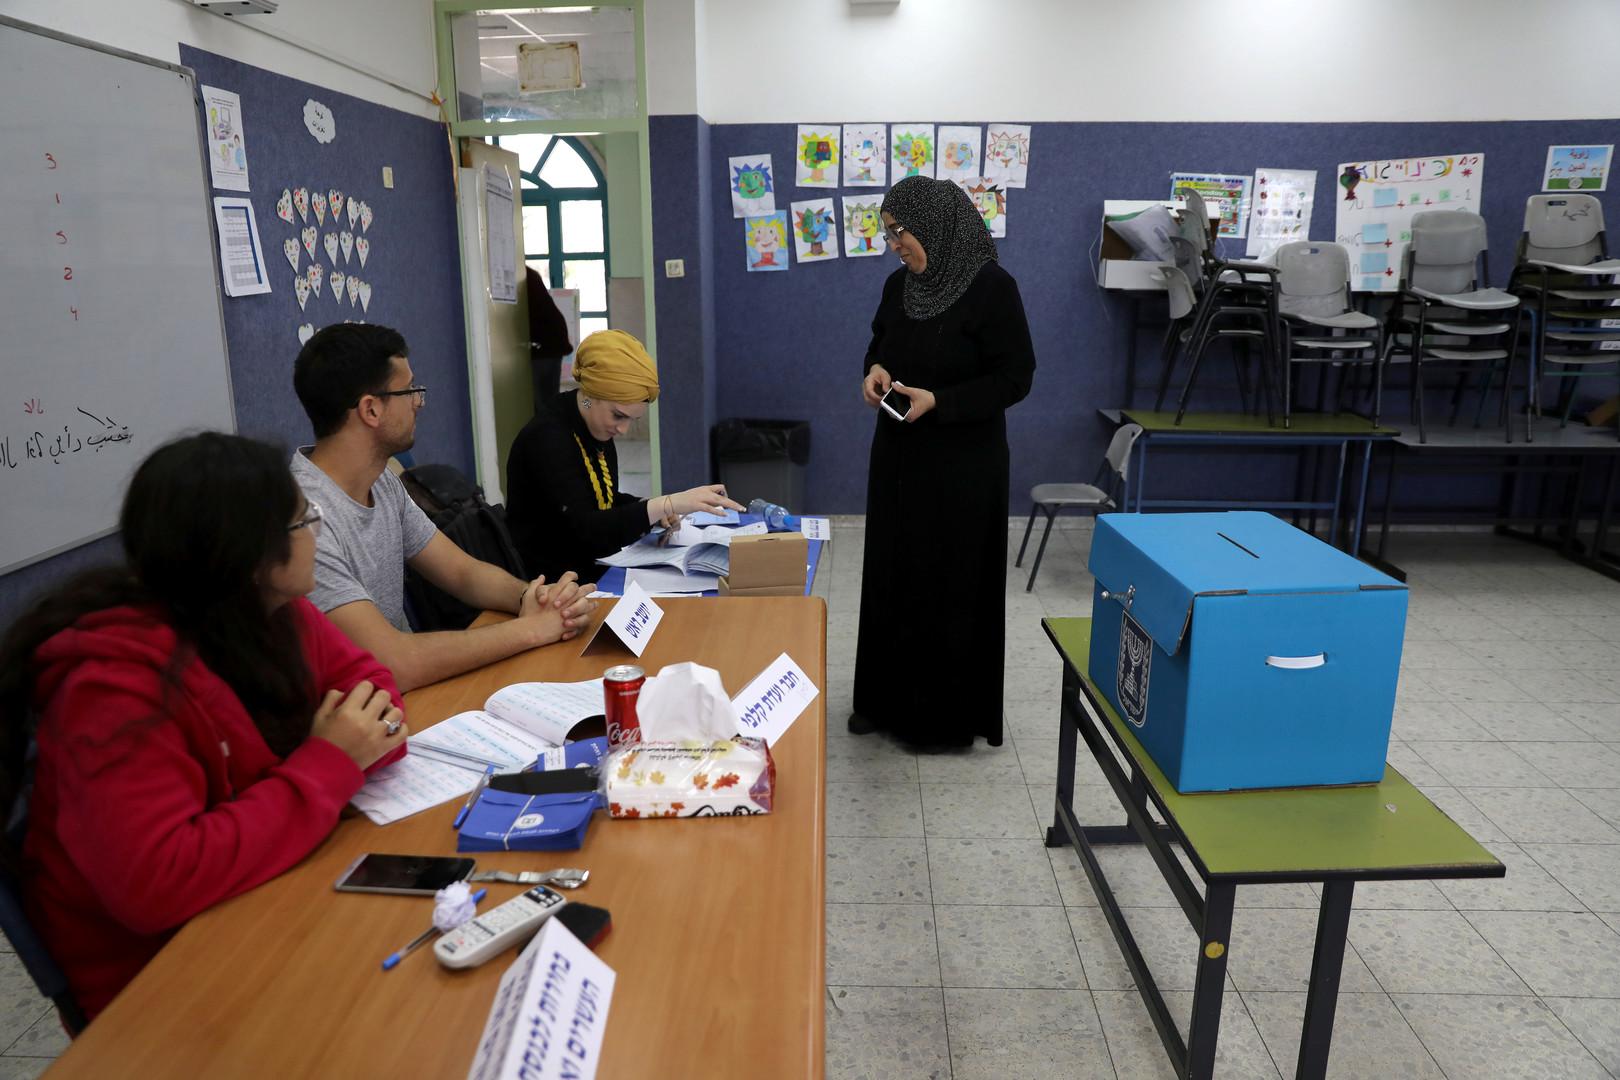 إسرائيل.. الأحزاب العربية تعيد رص صفوفها استعدادا للانتخابات الجديدة